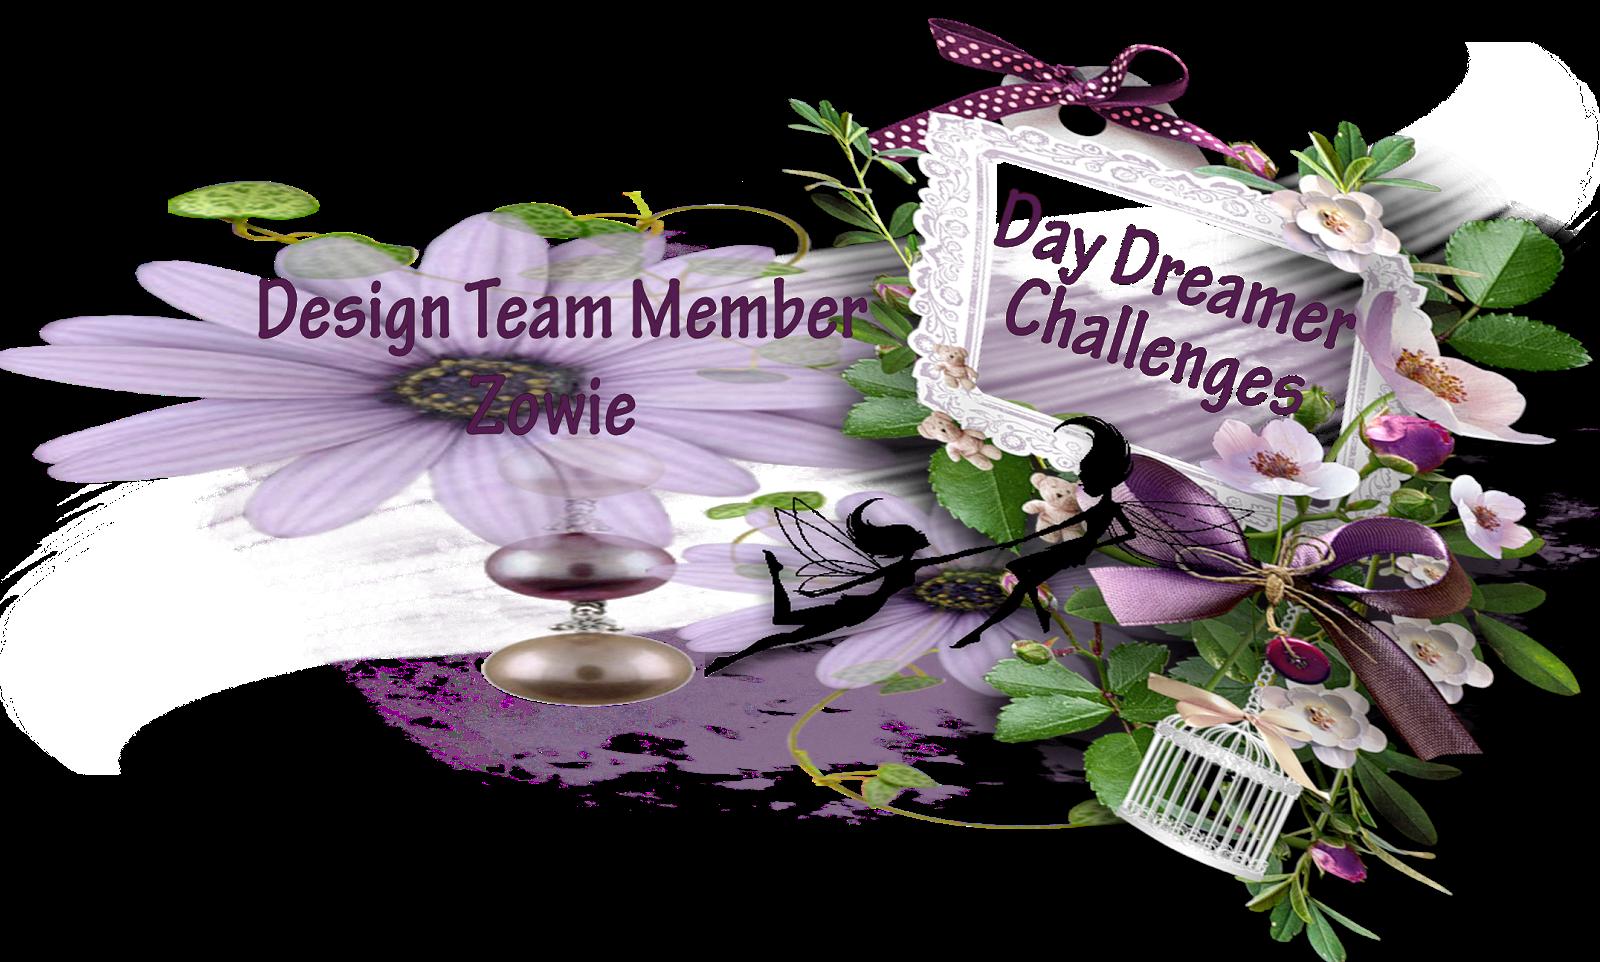 Previous Design Team